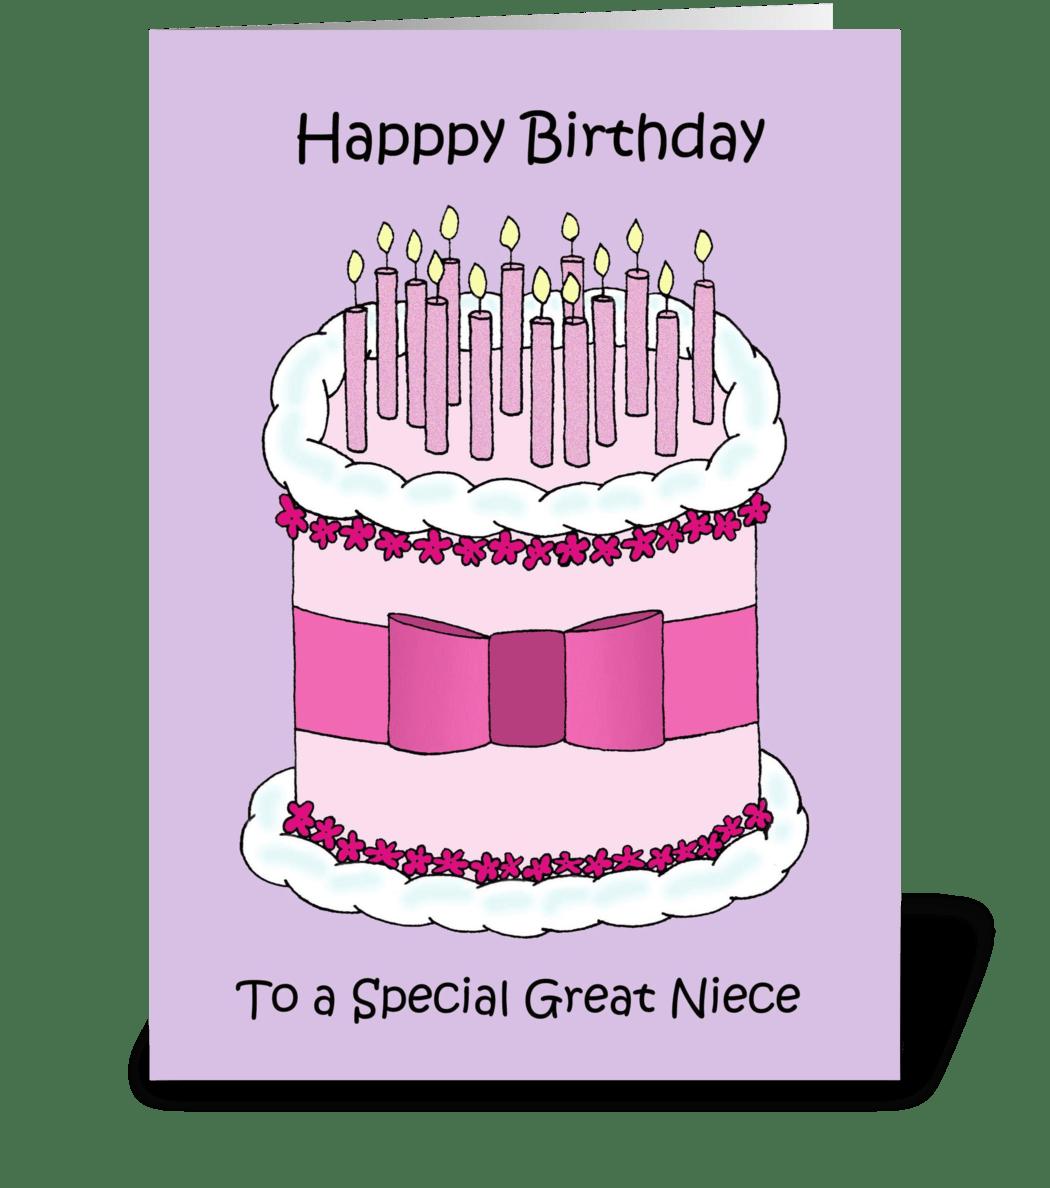 Happy Birthday To My Great Niece